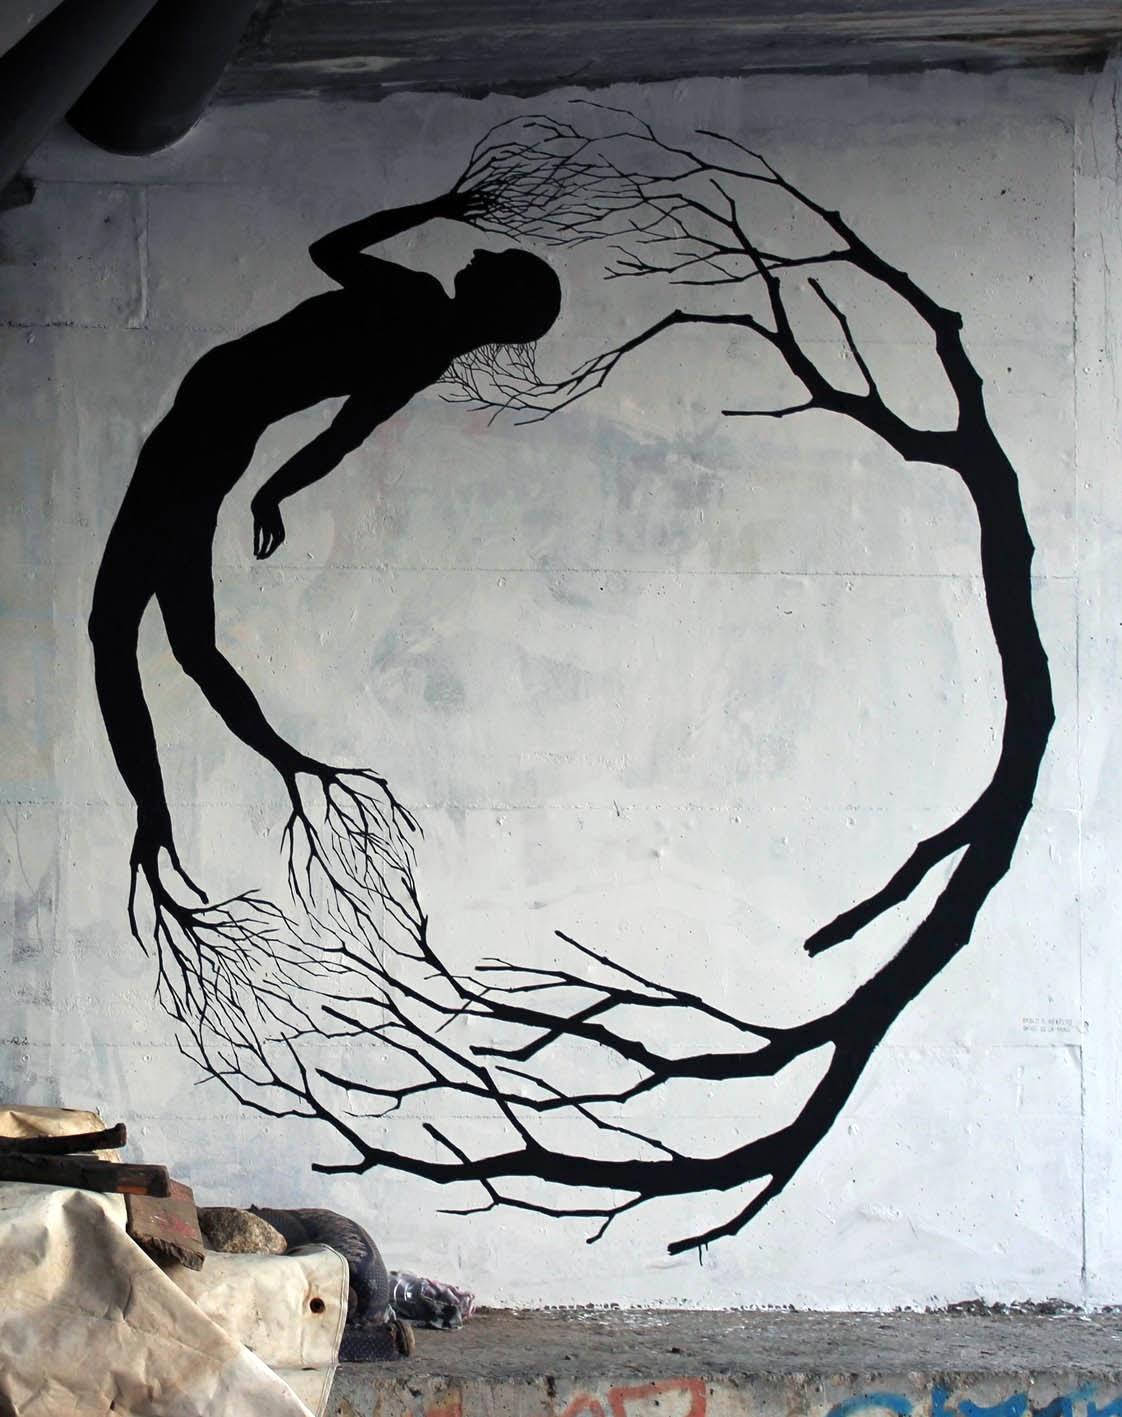 Street Art Collaboration By David De La Mano and Pablo S. Herrero In Porto, Portugal. 2